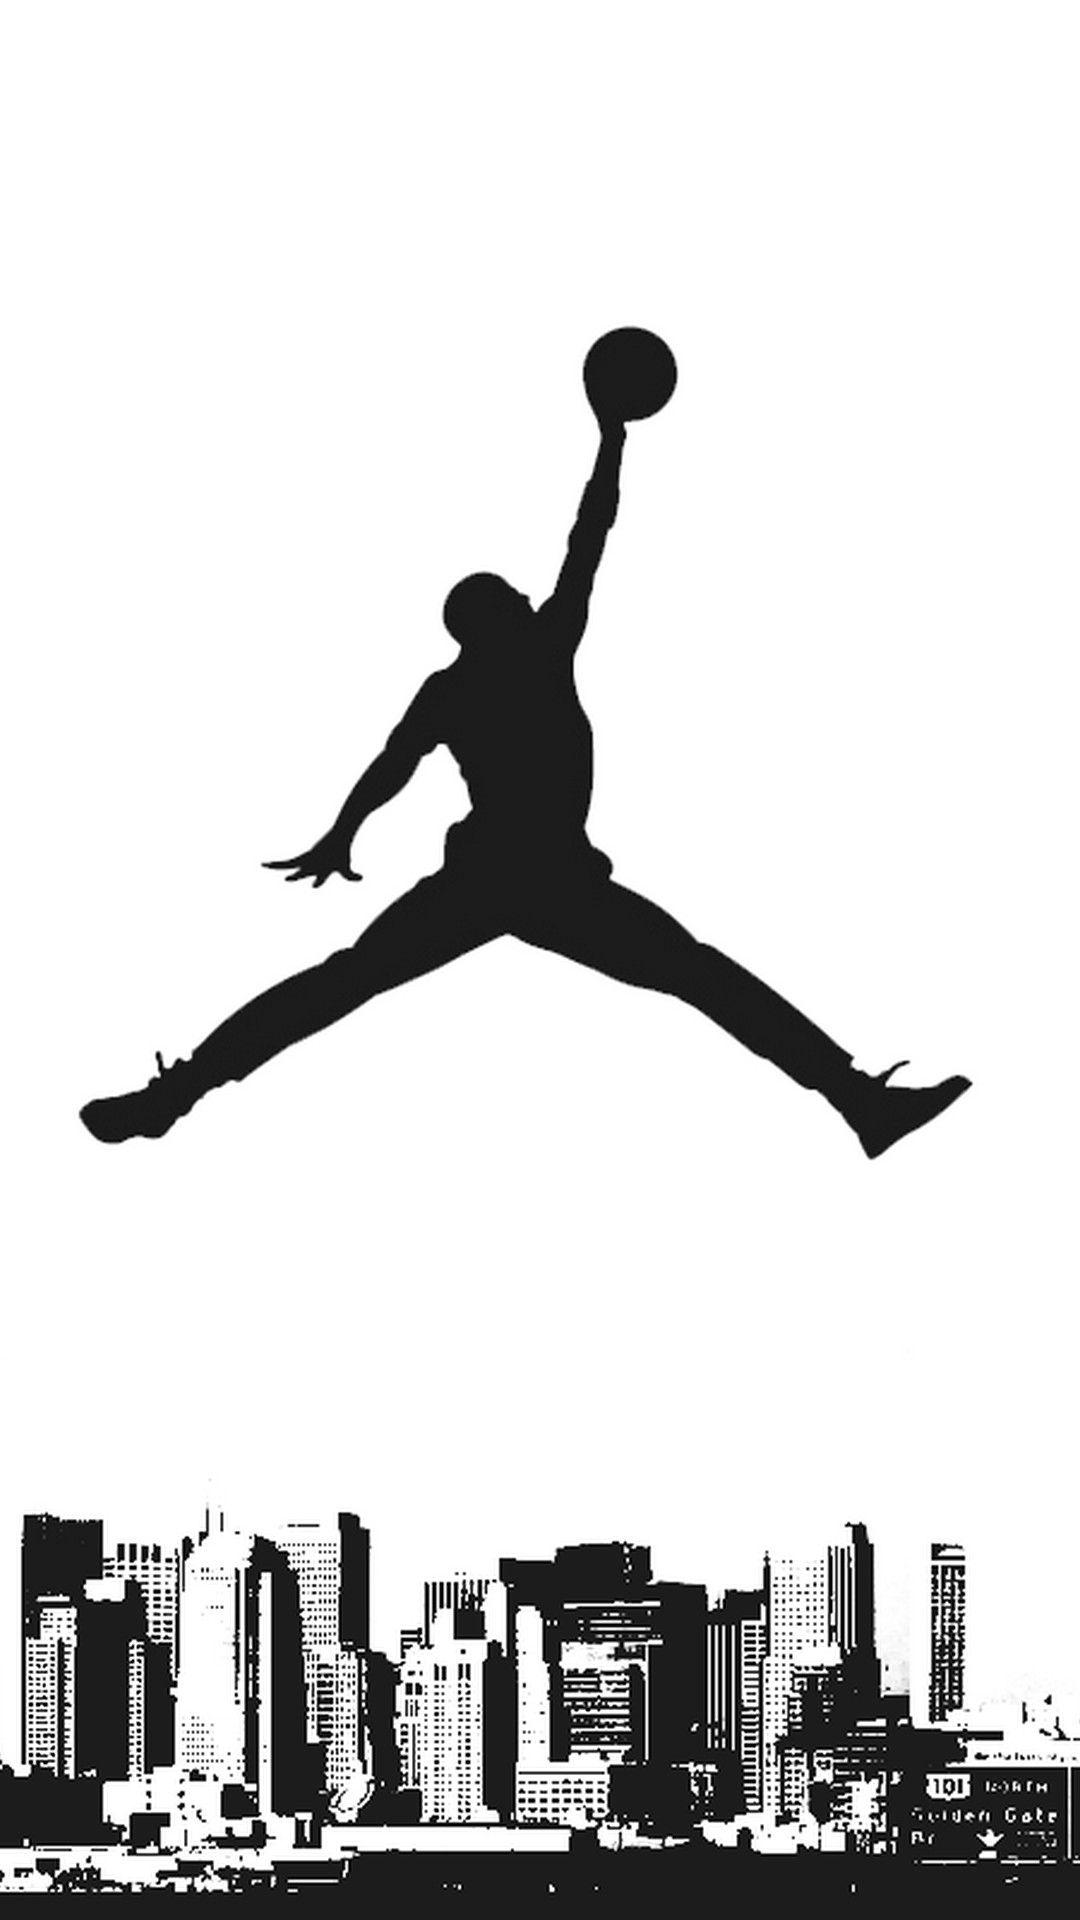 Basketball Wallpaper Best Basketball Wallpapers 2020 Best Wallpaper Hd Basketball Wallpapers Hd Nba Wallpapers